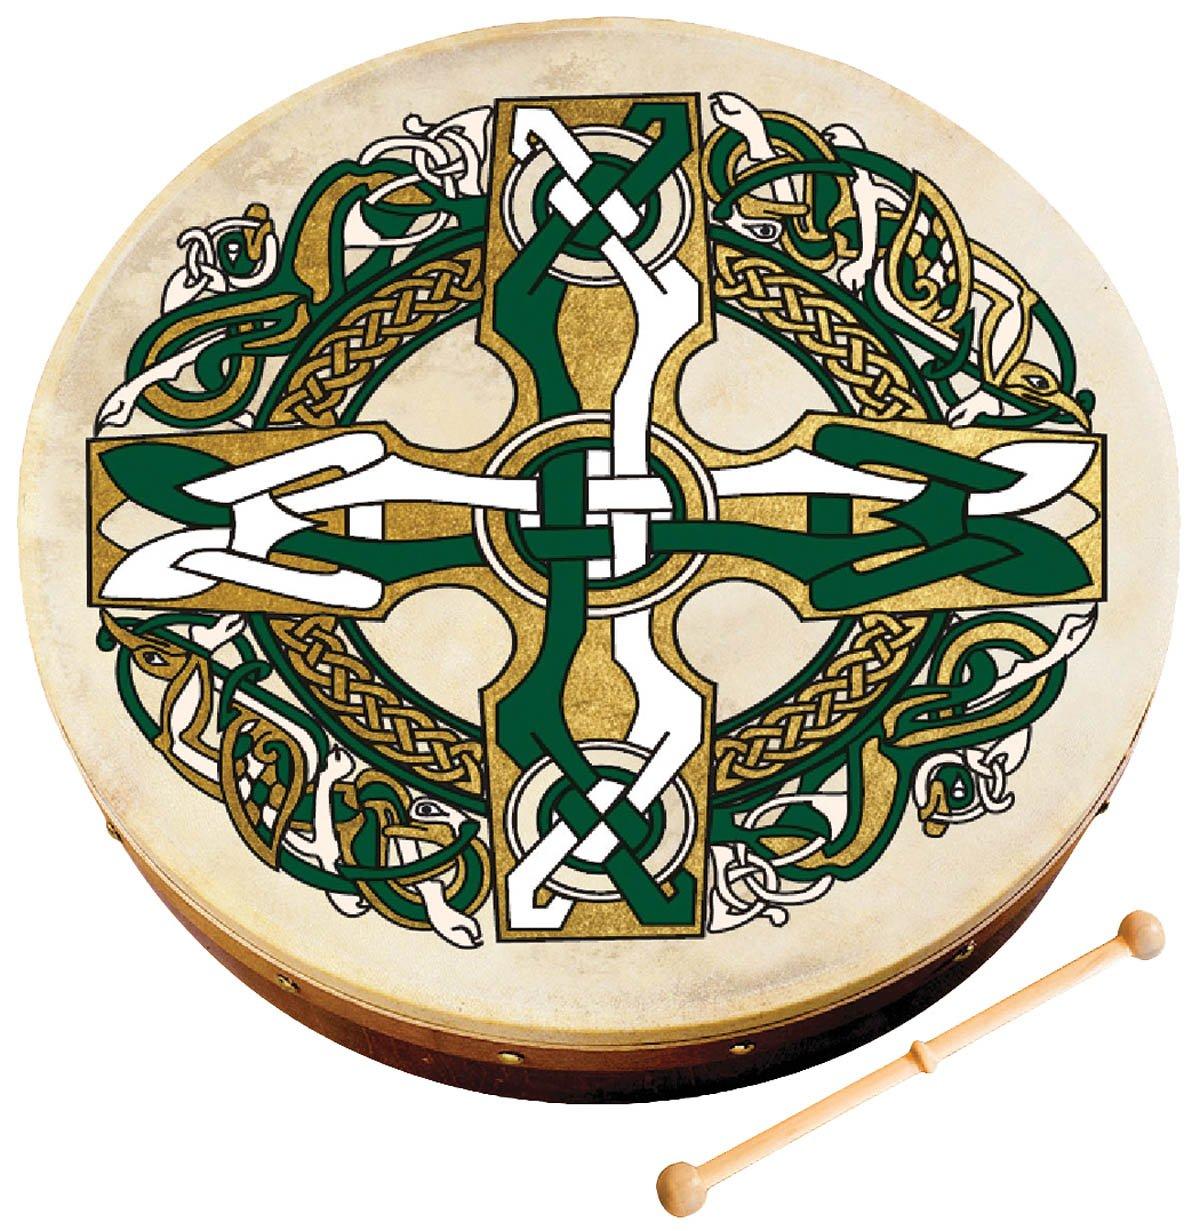 Waltons WM1953 8-Inch Celtic Cross Bodhran